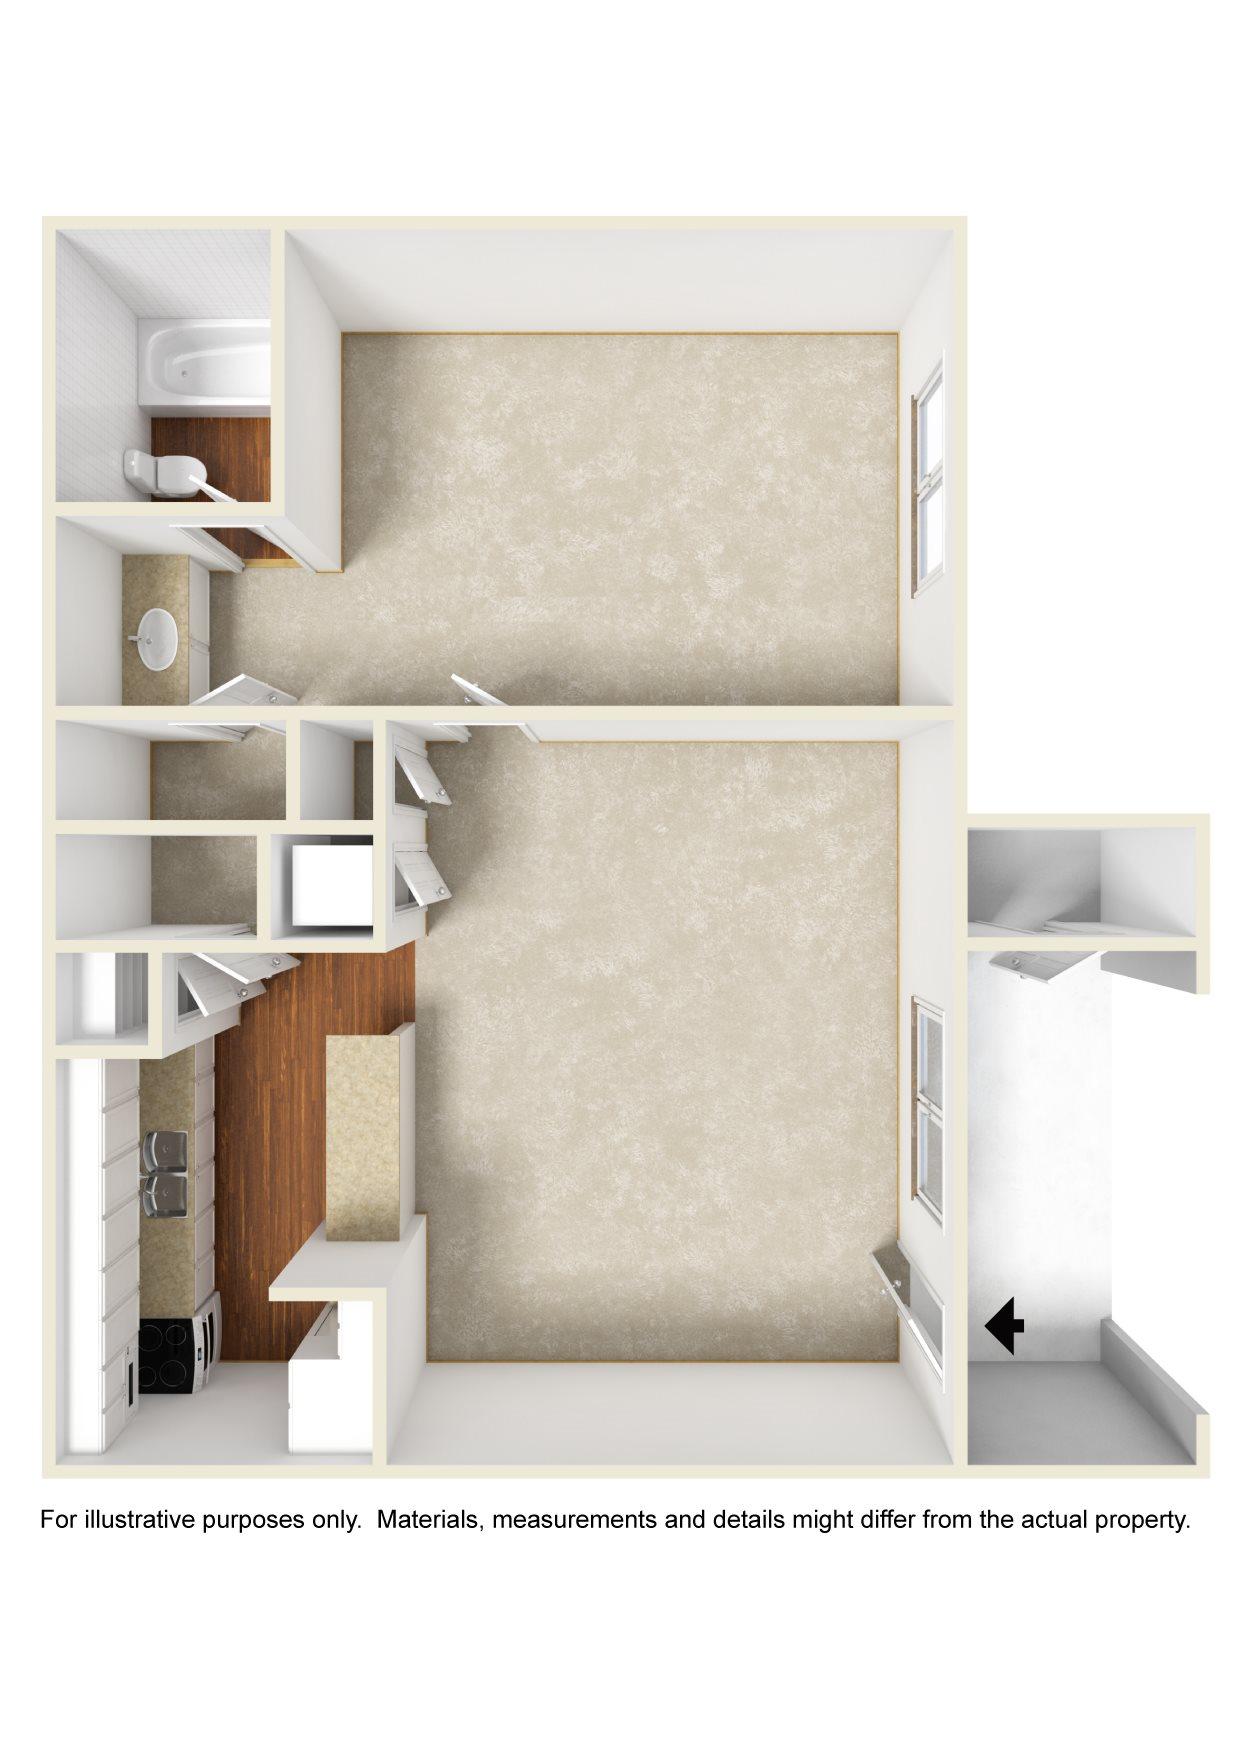 The Crest View Floor Plan 1